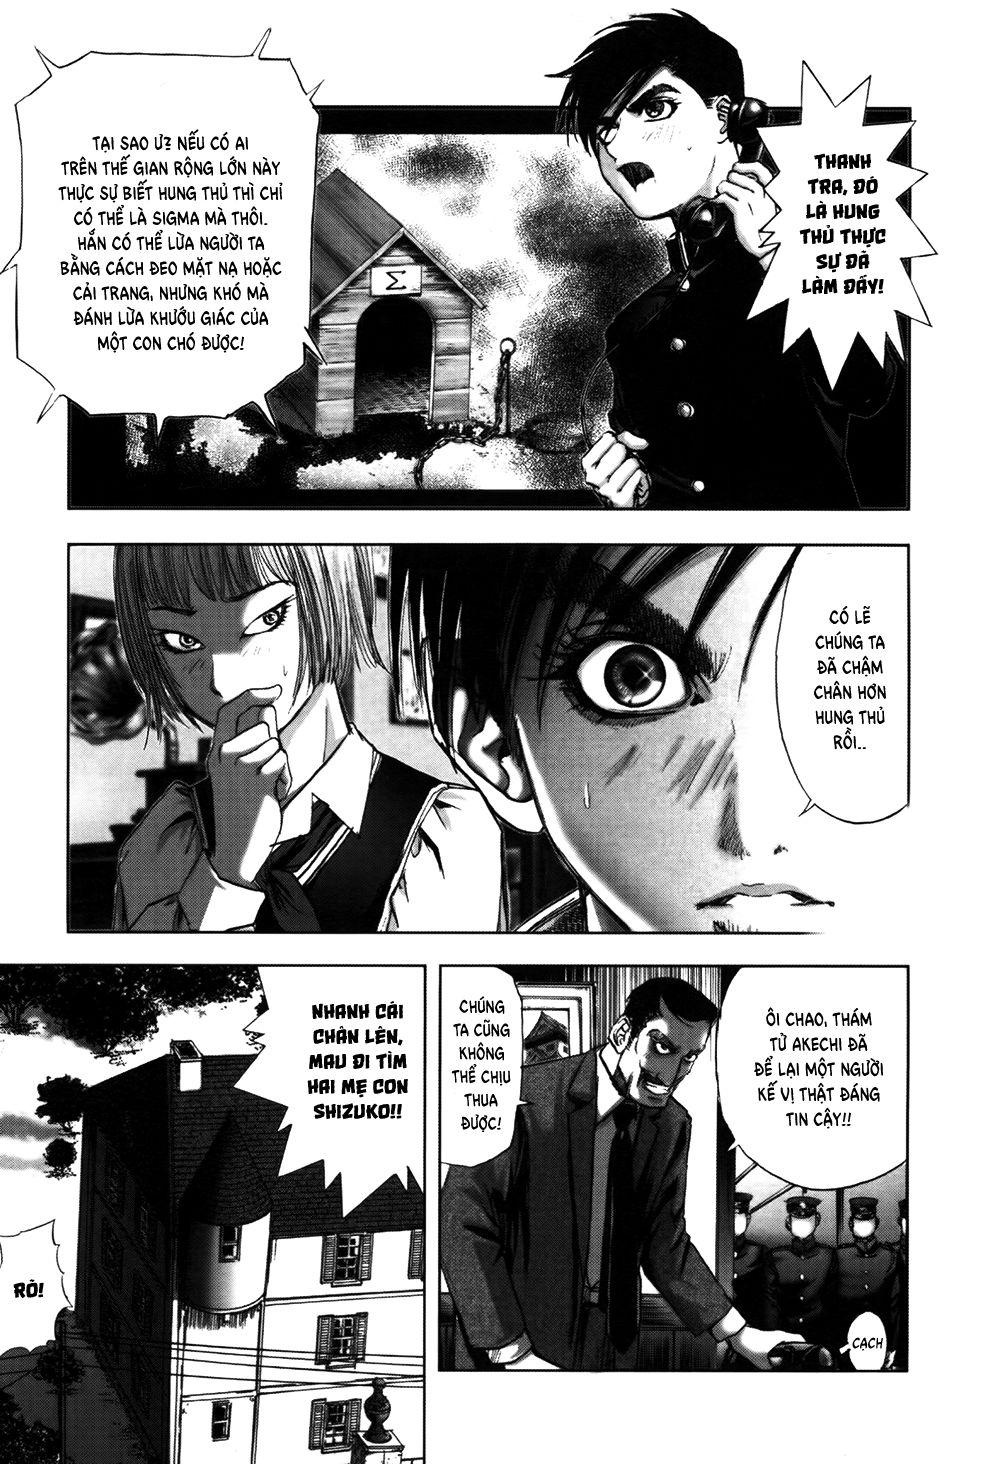 Dị Nhân Quán Chapter 56 - Trang 20